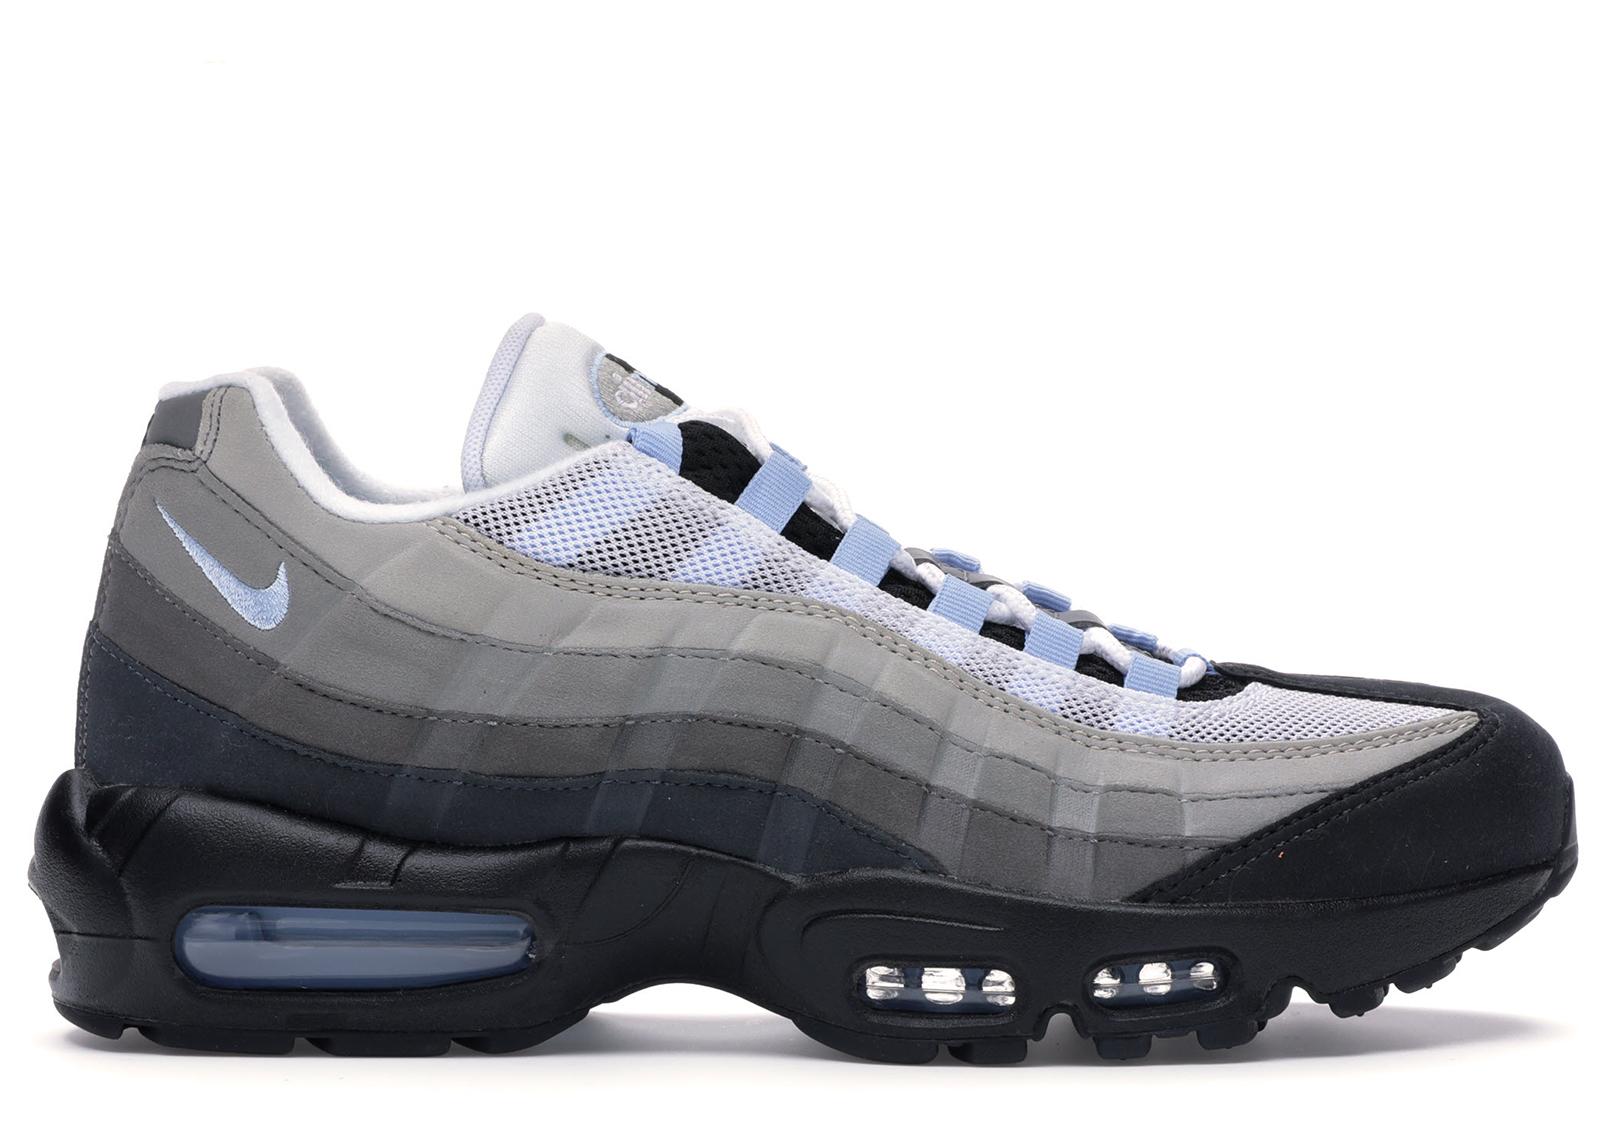 Nike Air Max 95 Aluminum